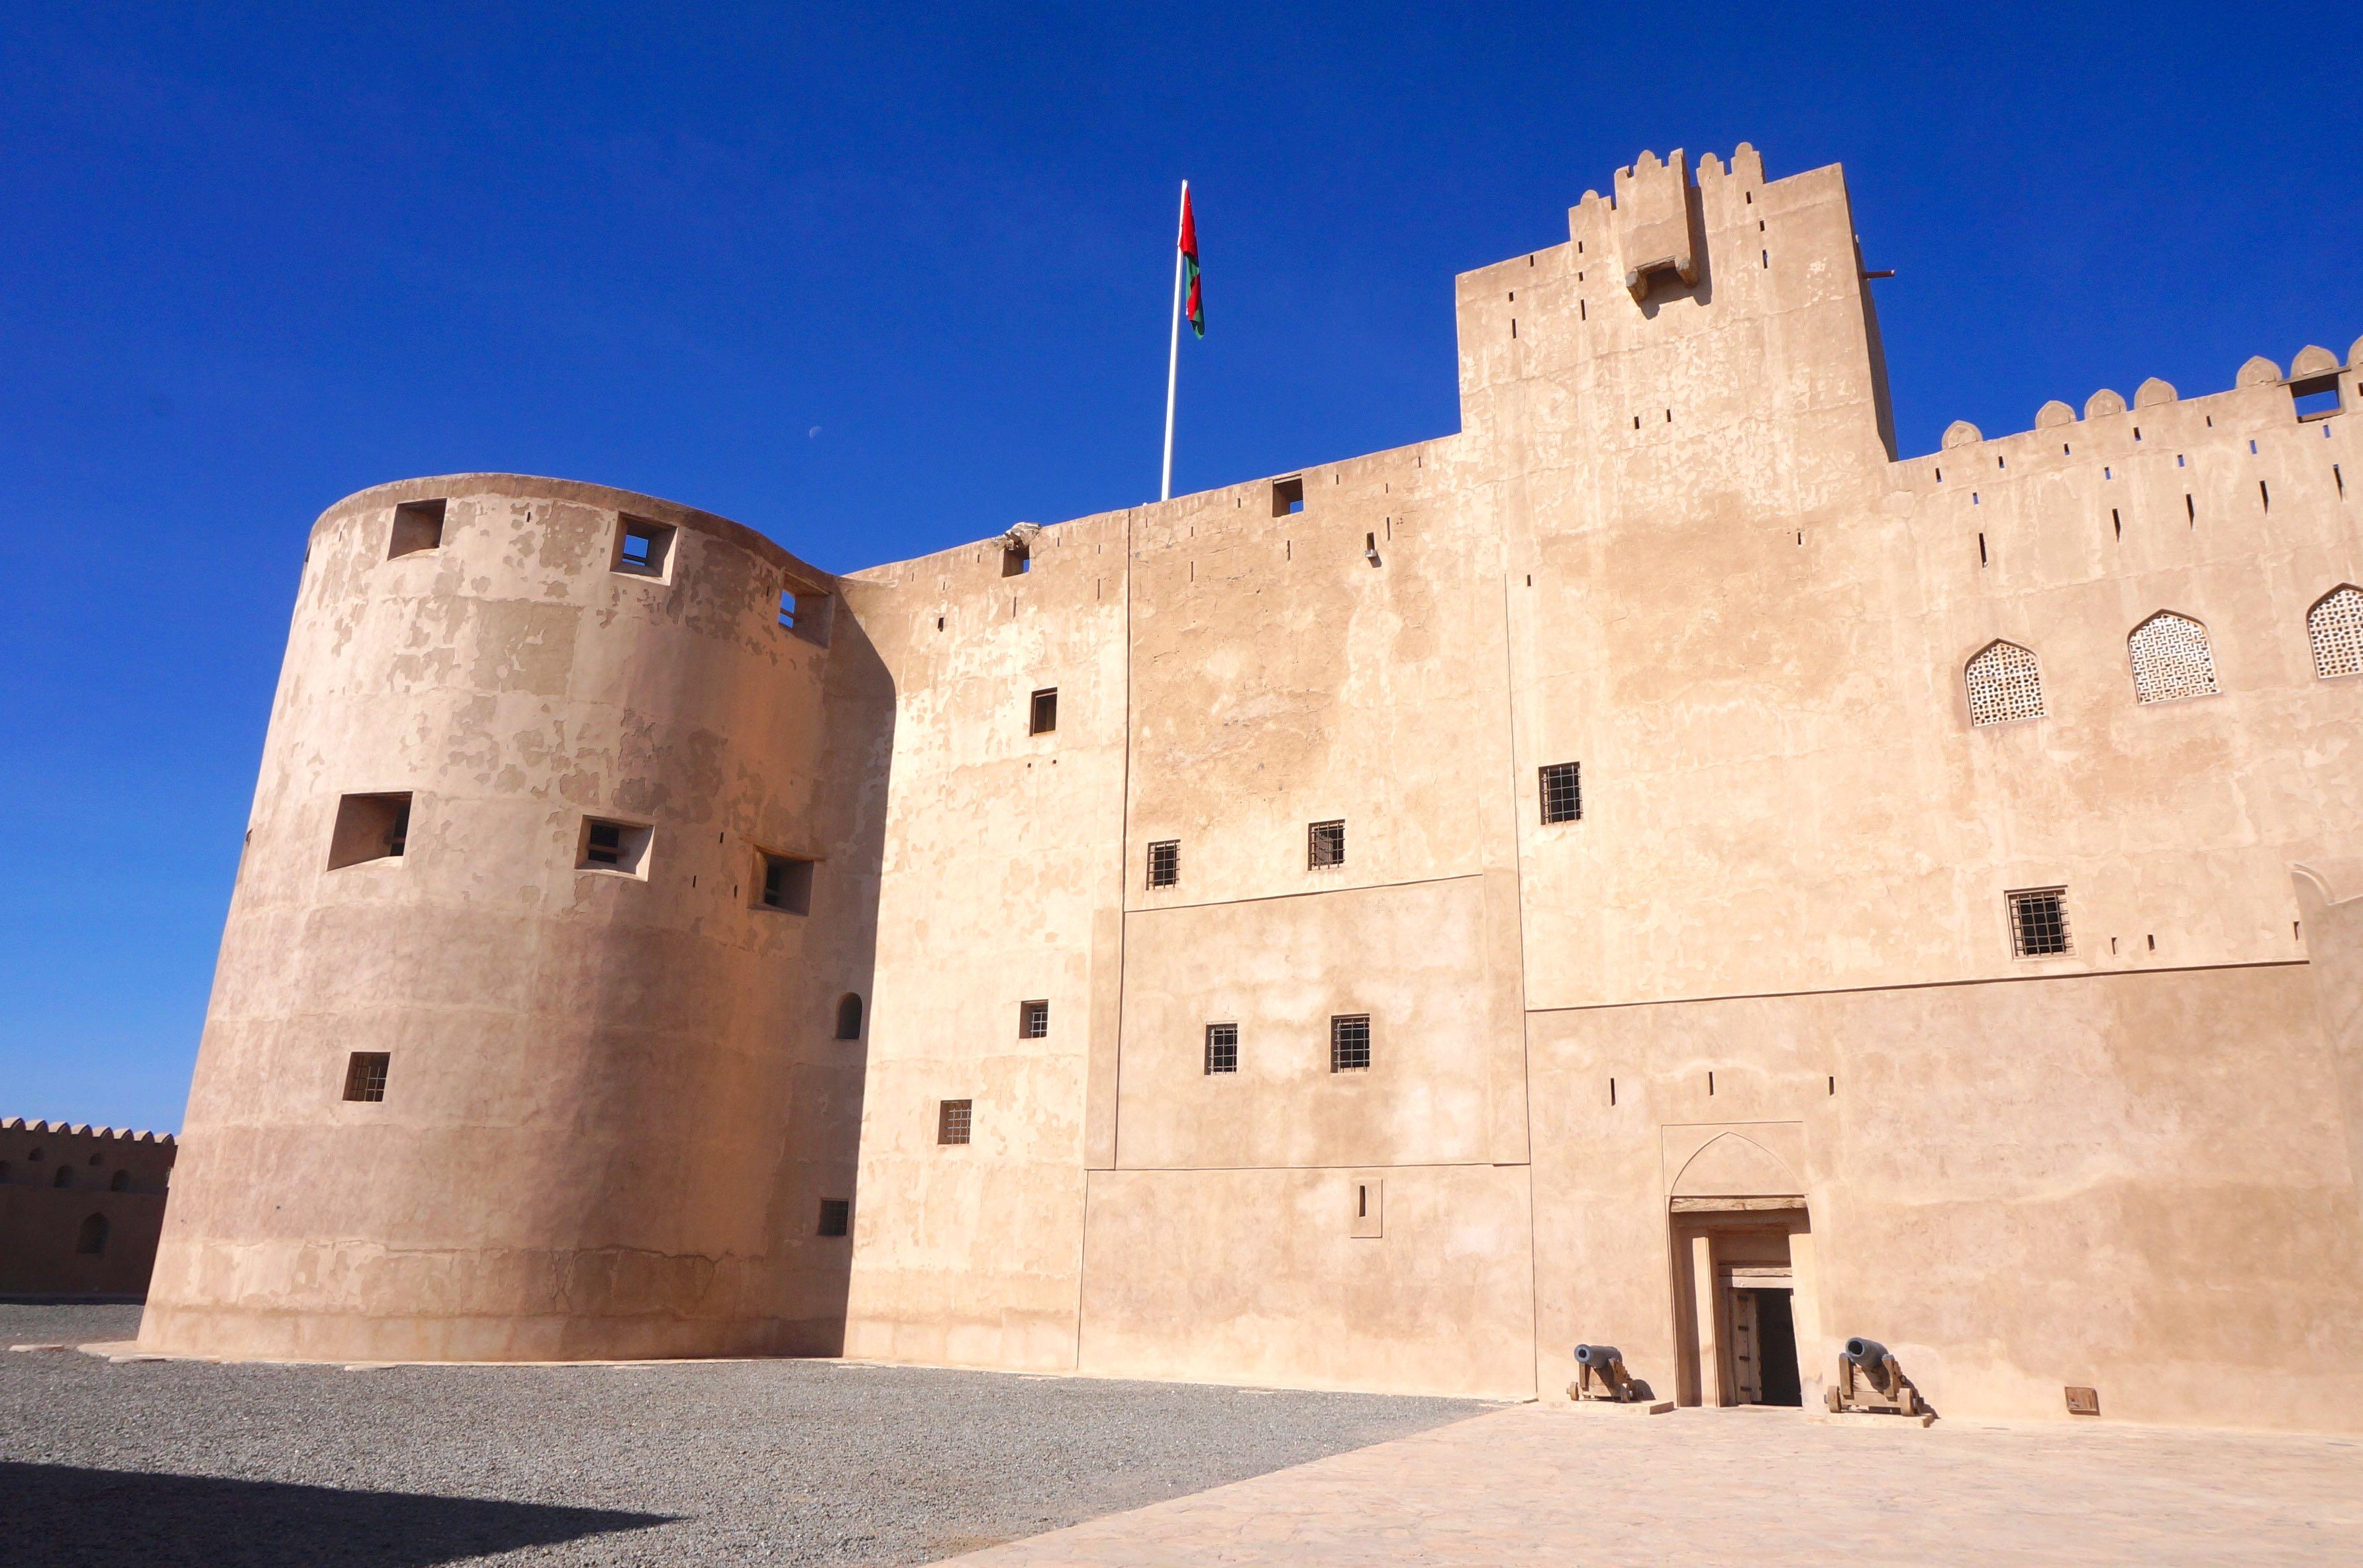 chateau de jabrin, nizwa, oman